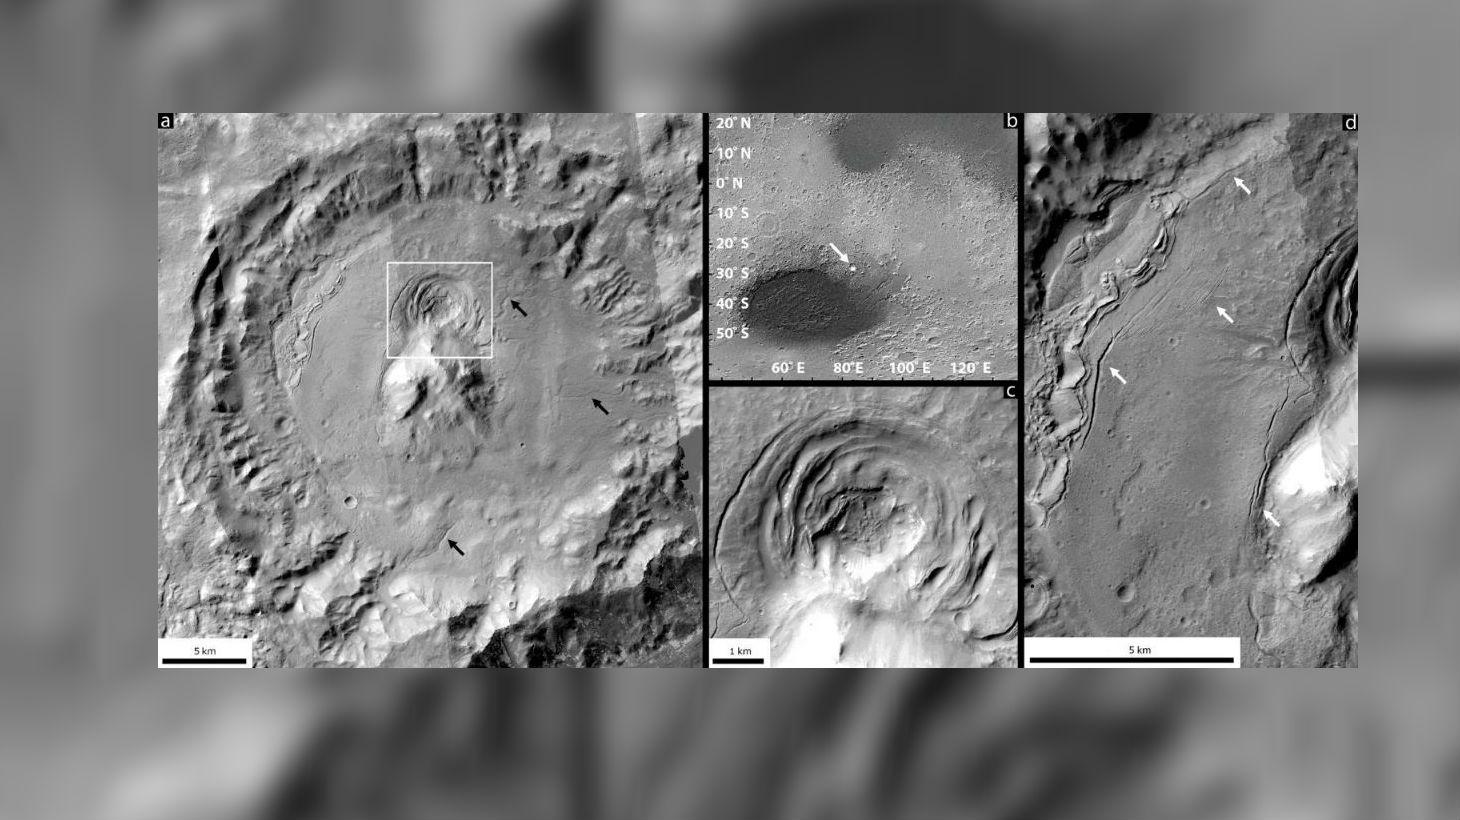 Здесь показана впадина, расположенная внутри кратера на краю равнины Эллада. Новые исследования показывают, что впадина была сформирована в результате вулканической активности под ледяным покровом.